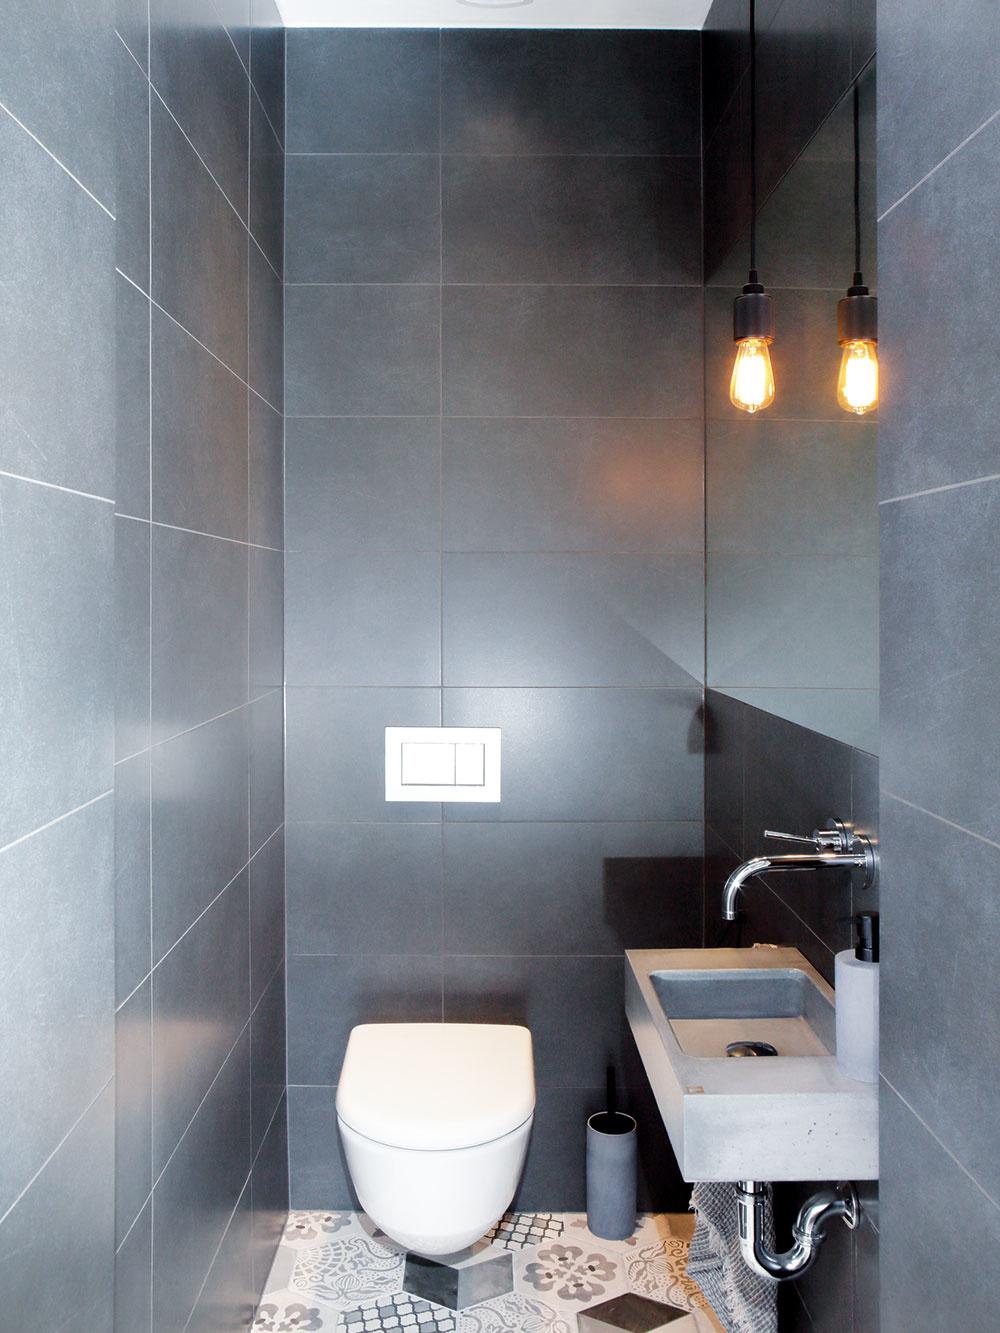 Zchodby sa vchádza na samostatnú toaletu, kde pokračuje hravá nápaditá dlažba, ktorá príjemne oživuje inak striedmo poňatú miestnosť.